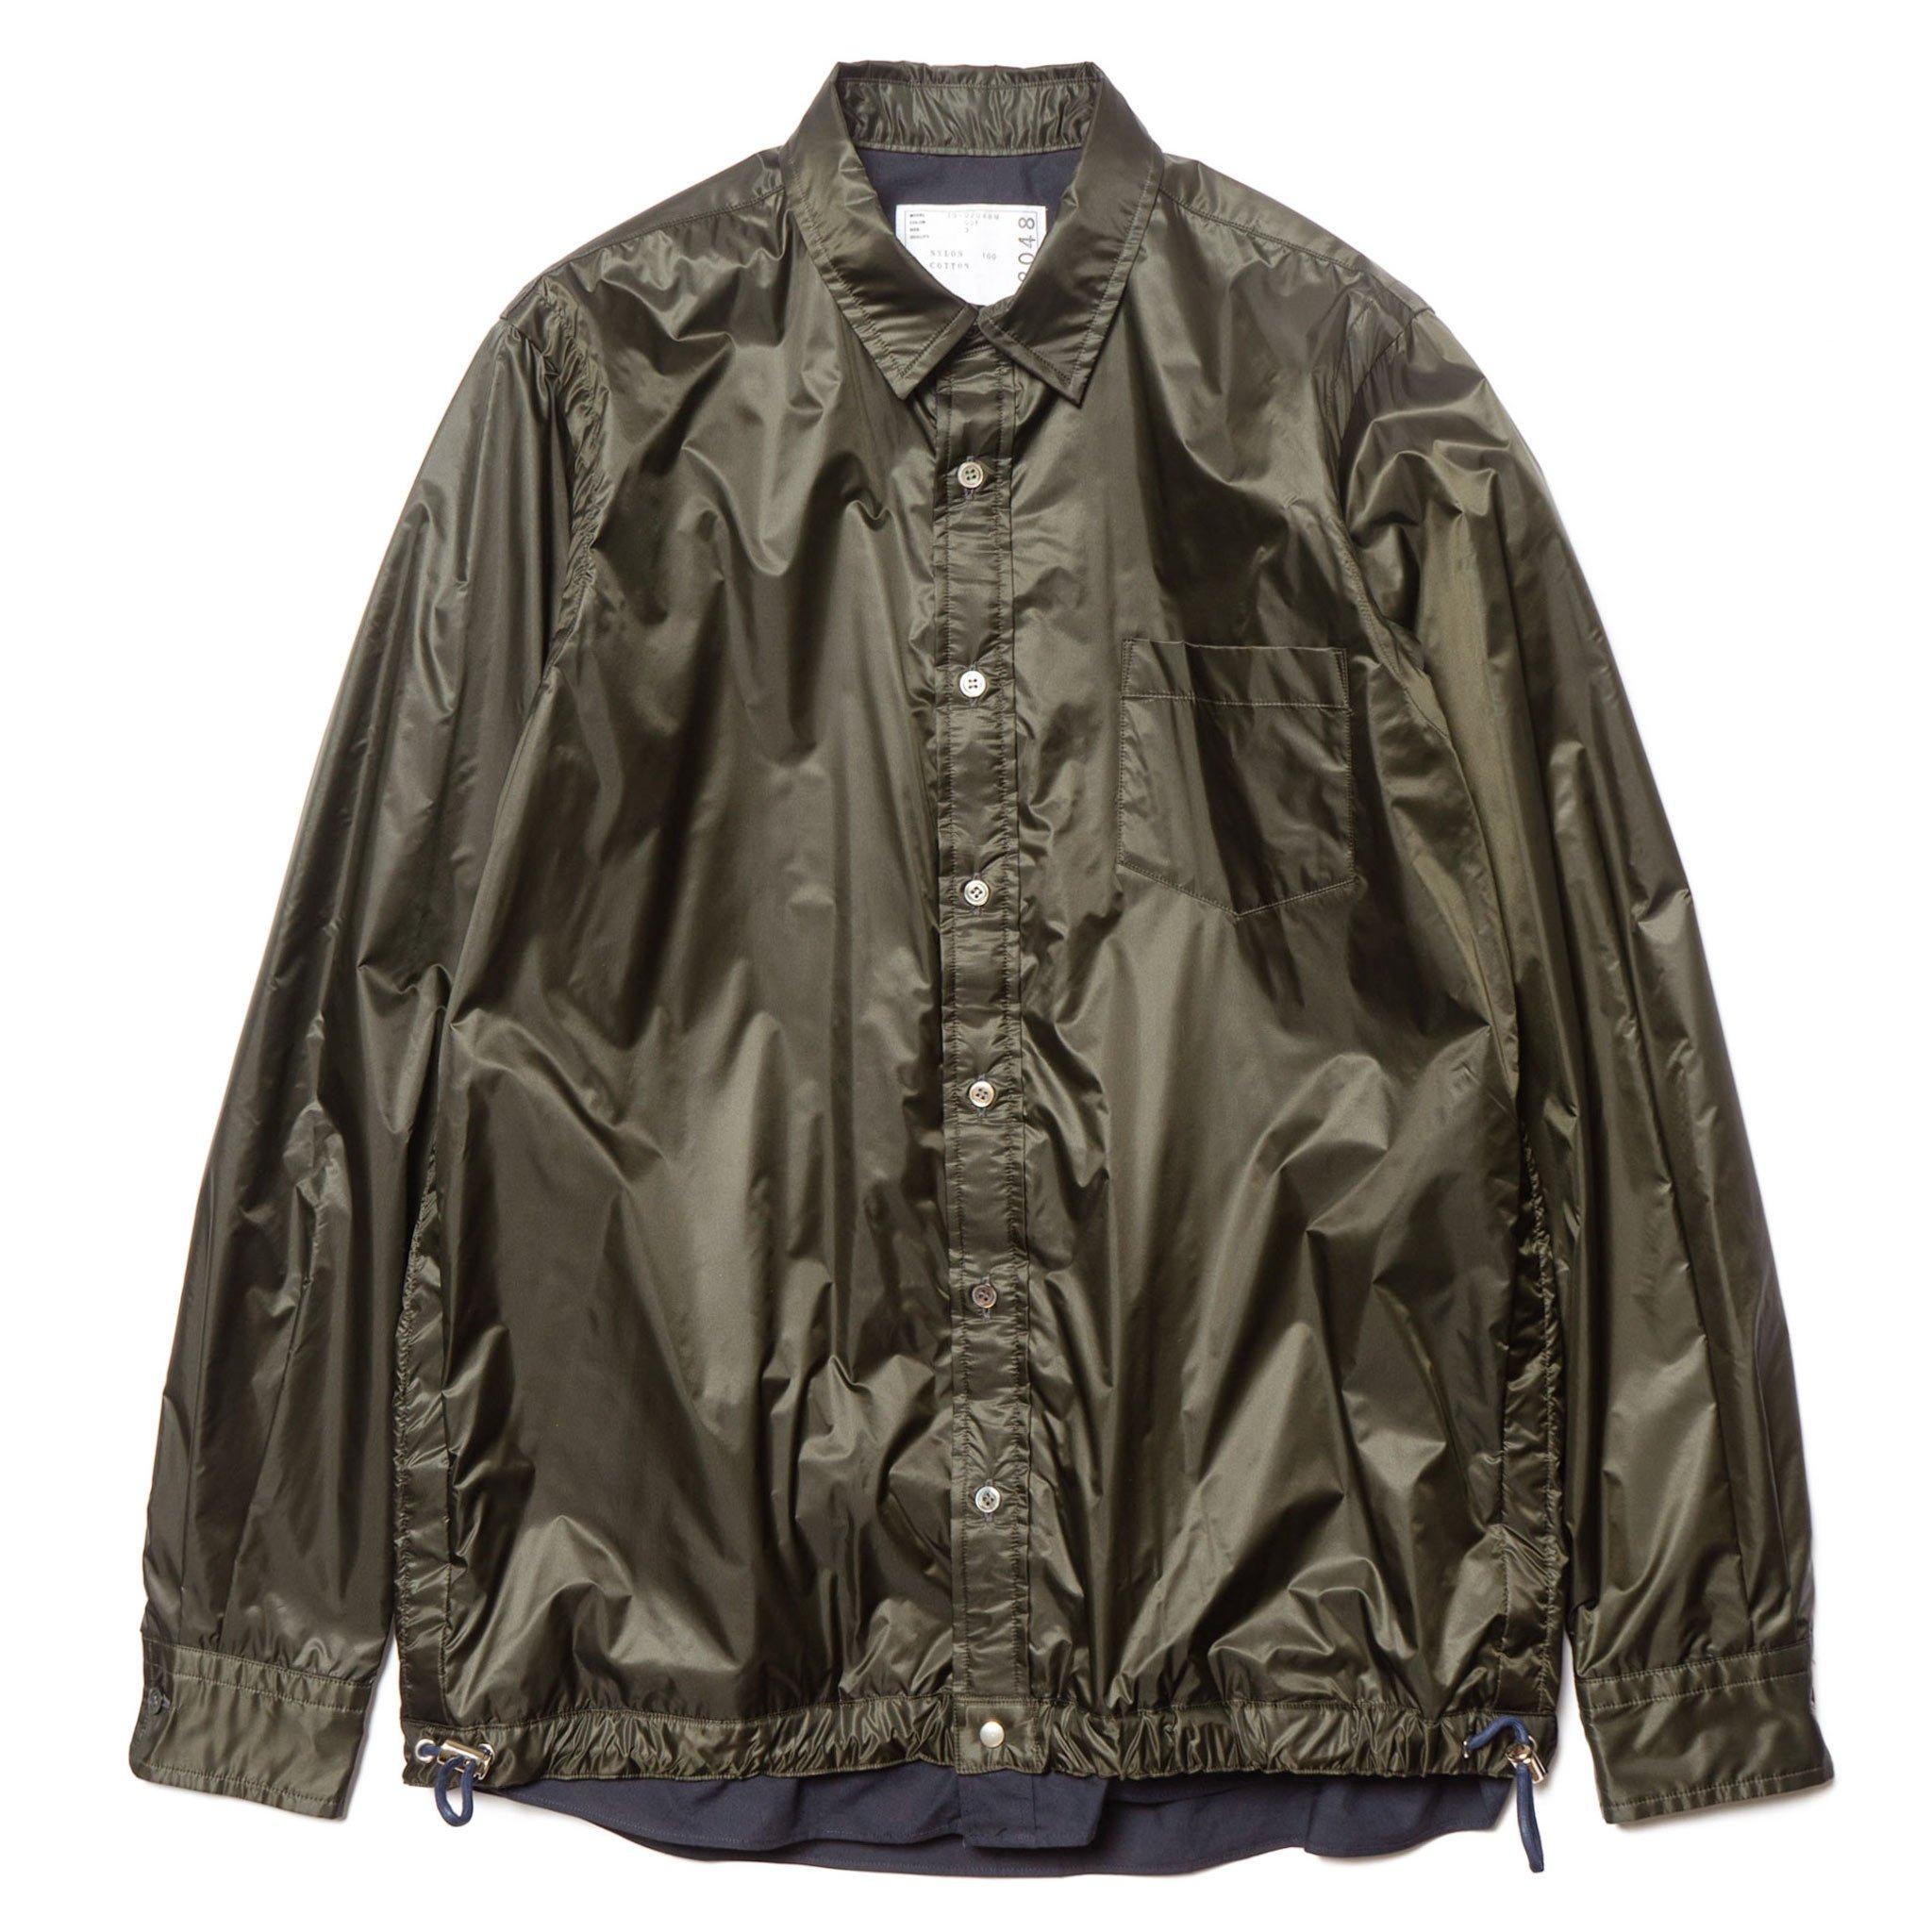 HAVEN-Sacai-Nylon-Shirt-KHAKI-1_2048x2048.progressive.jpg